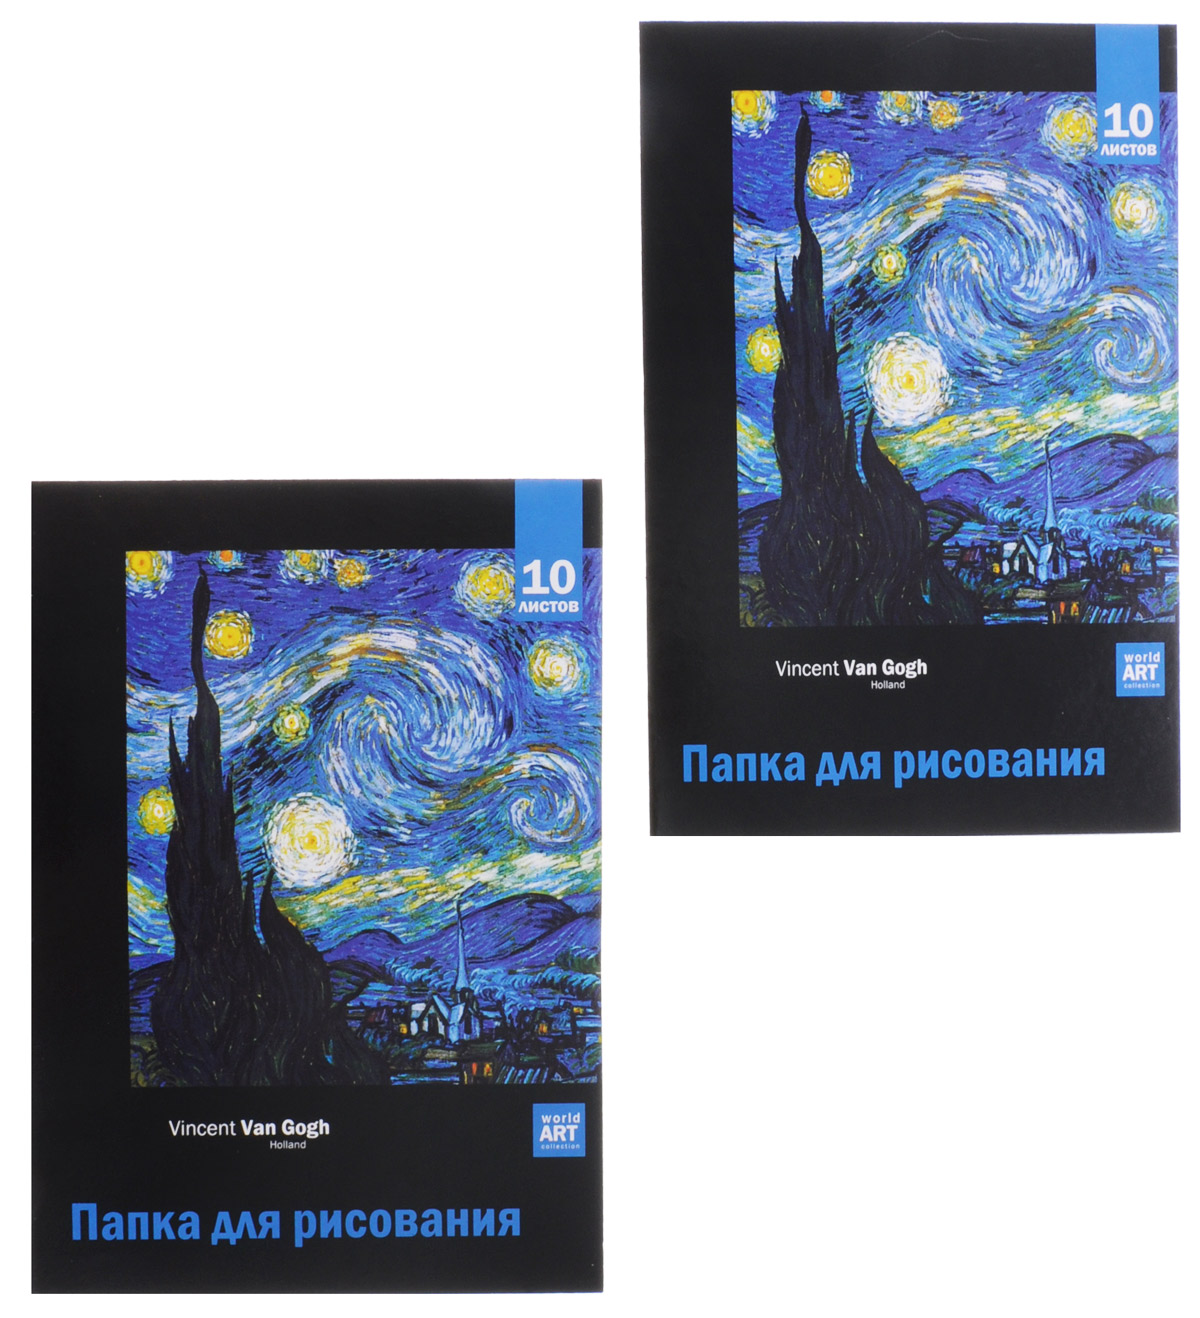 Action! Папка для рисования Vincent Van Gogh 10 листов 2 шт AFDS-4/10-20703415Папка для рисования Action! Vincent Van Gogh предназначена для эскизов и рисования. Подходит для работ карандашами, пастелью, углем. Обложка - высококачественный мелованный картон с красочным изображением творчества Ван Гога. Бумажные листы удобно хранить в папке, которая надежно защитит их от повреждений. Одна папка содержит 10 листов бумаги. В набор входят две папки.